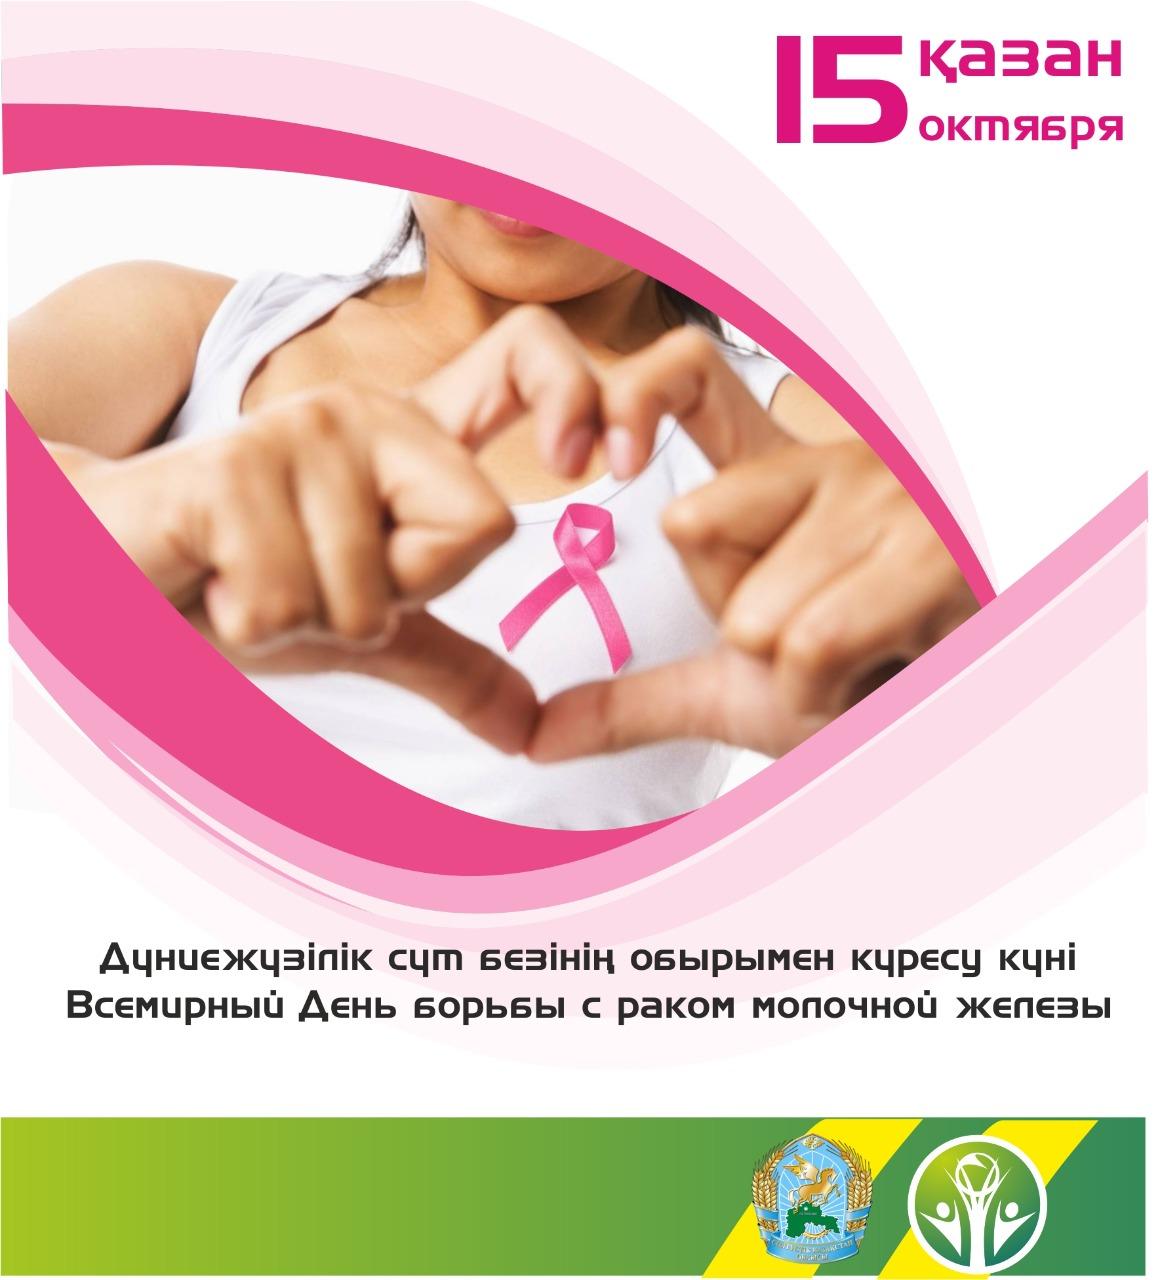 Всемирный День борьбы с раком молочной железы